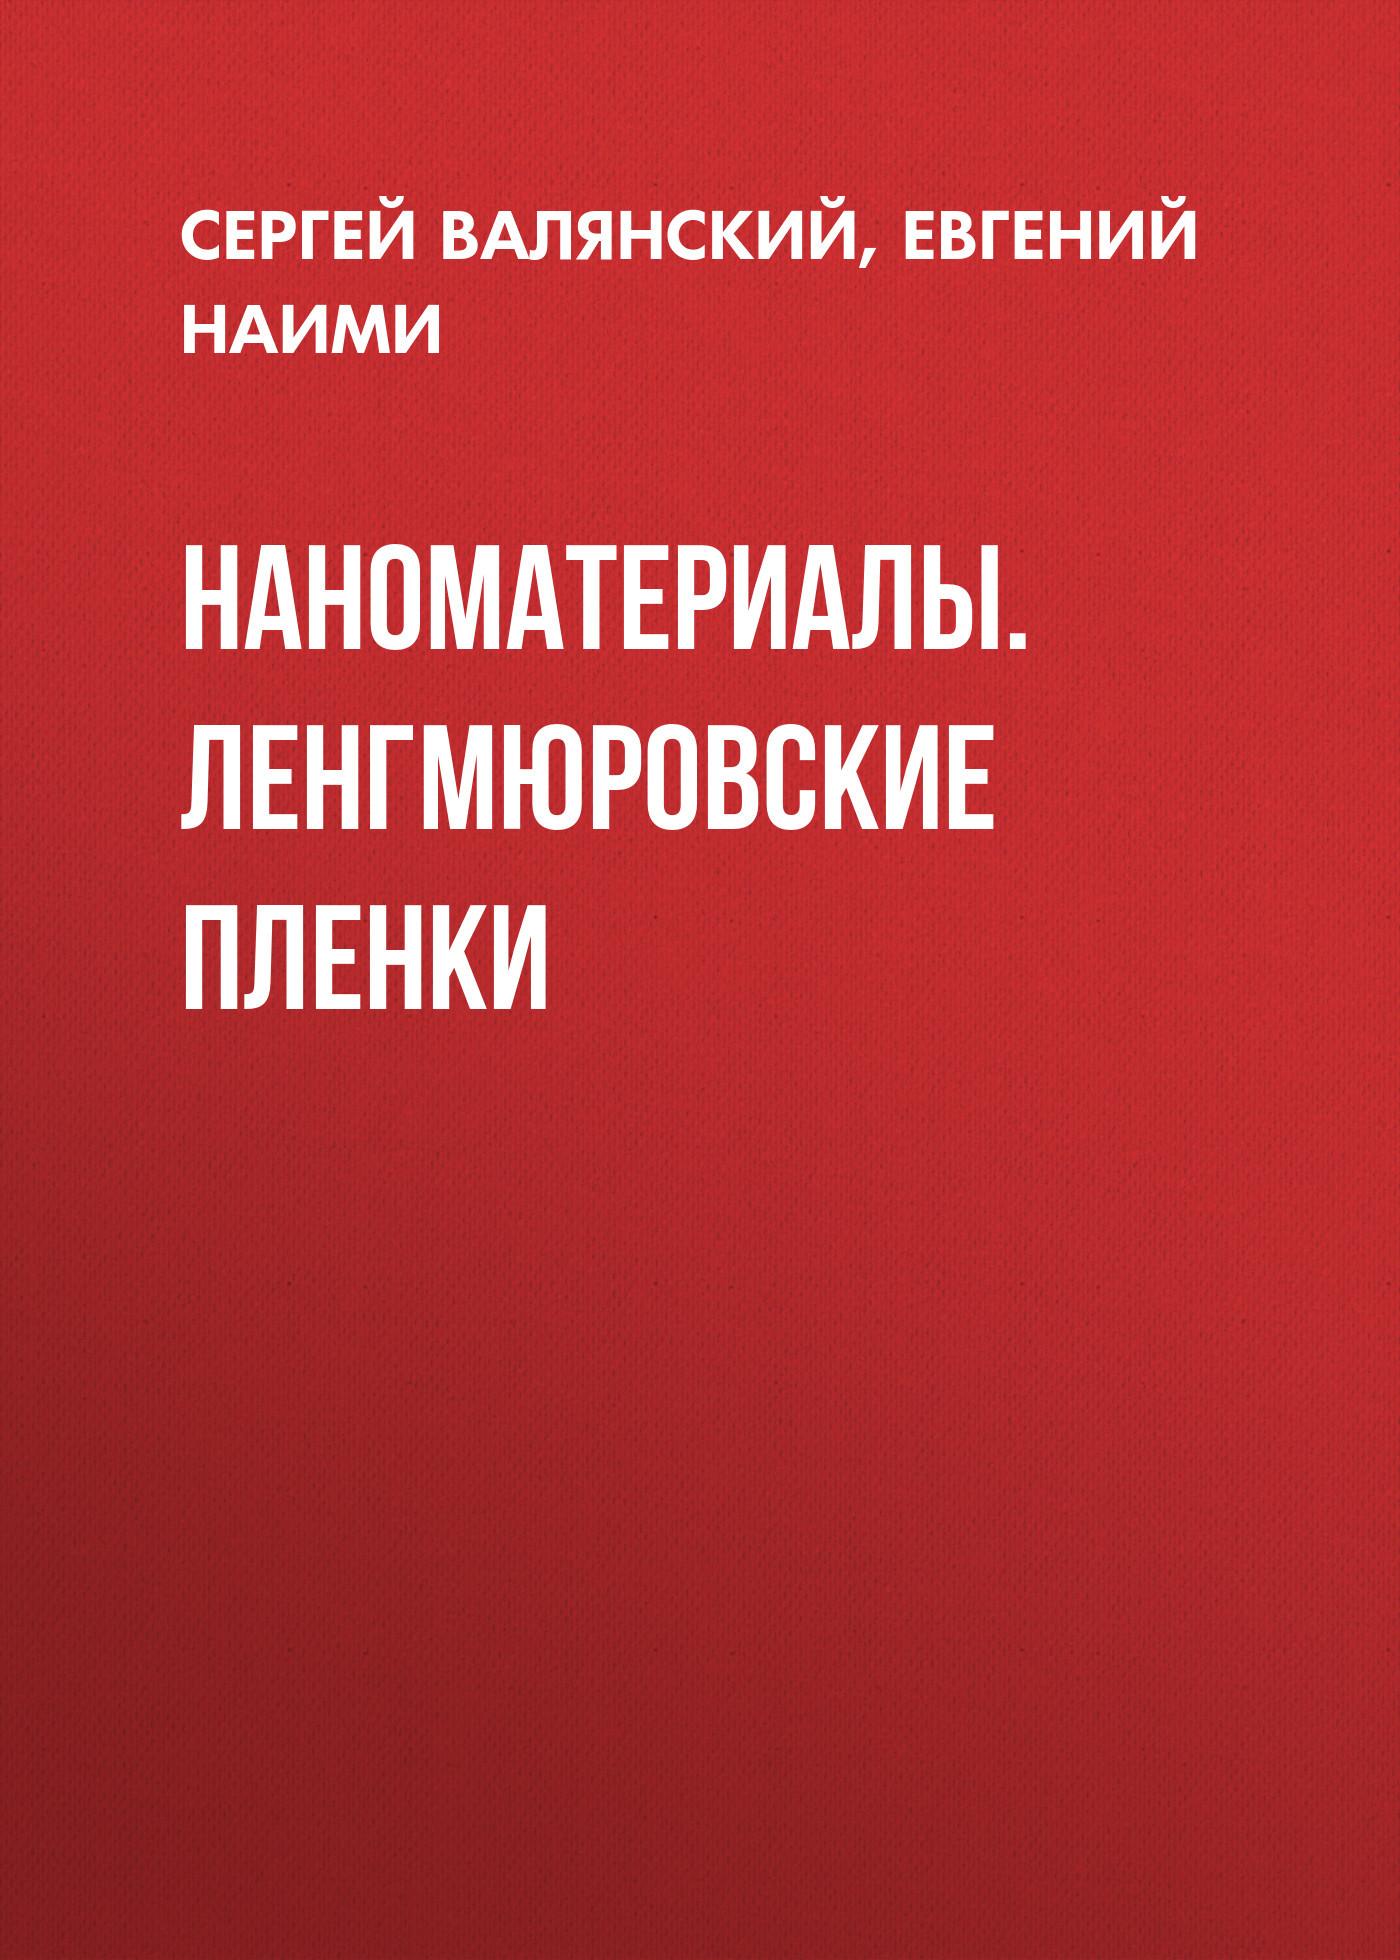 Сергей Валянский. Наноматериалы. Ленгмюровские пленки